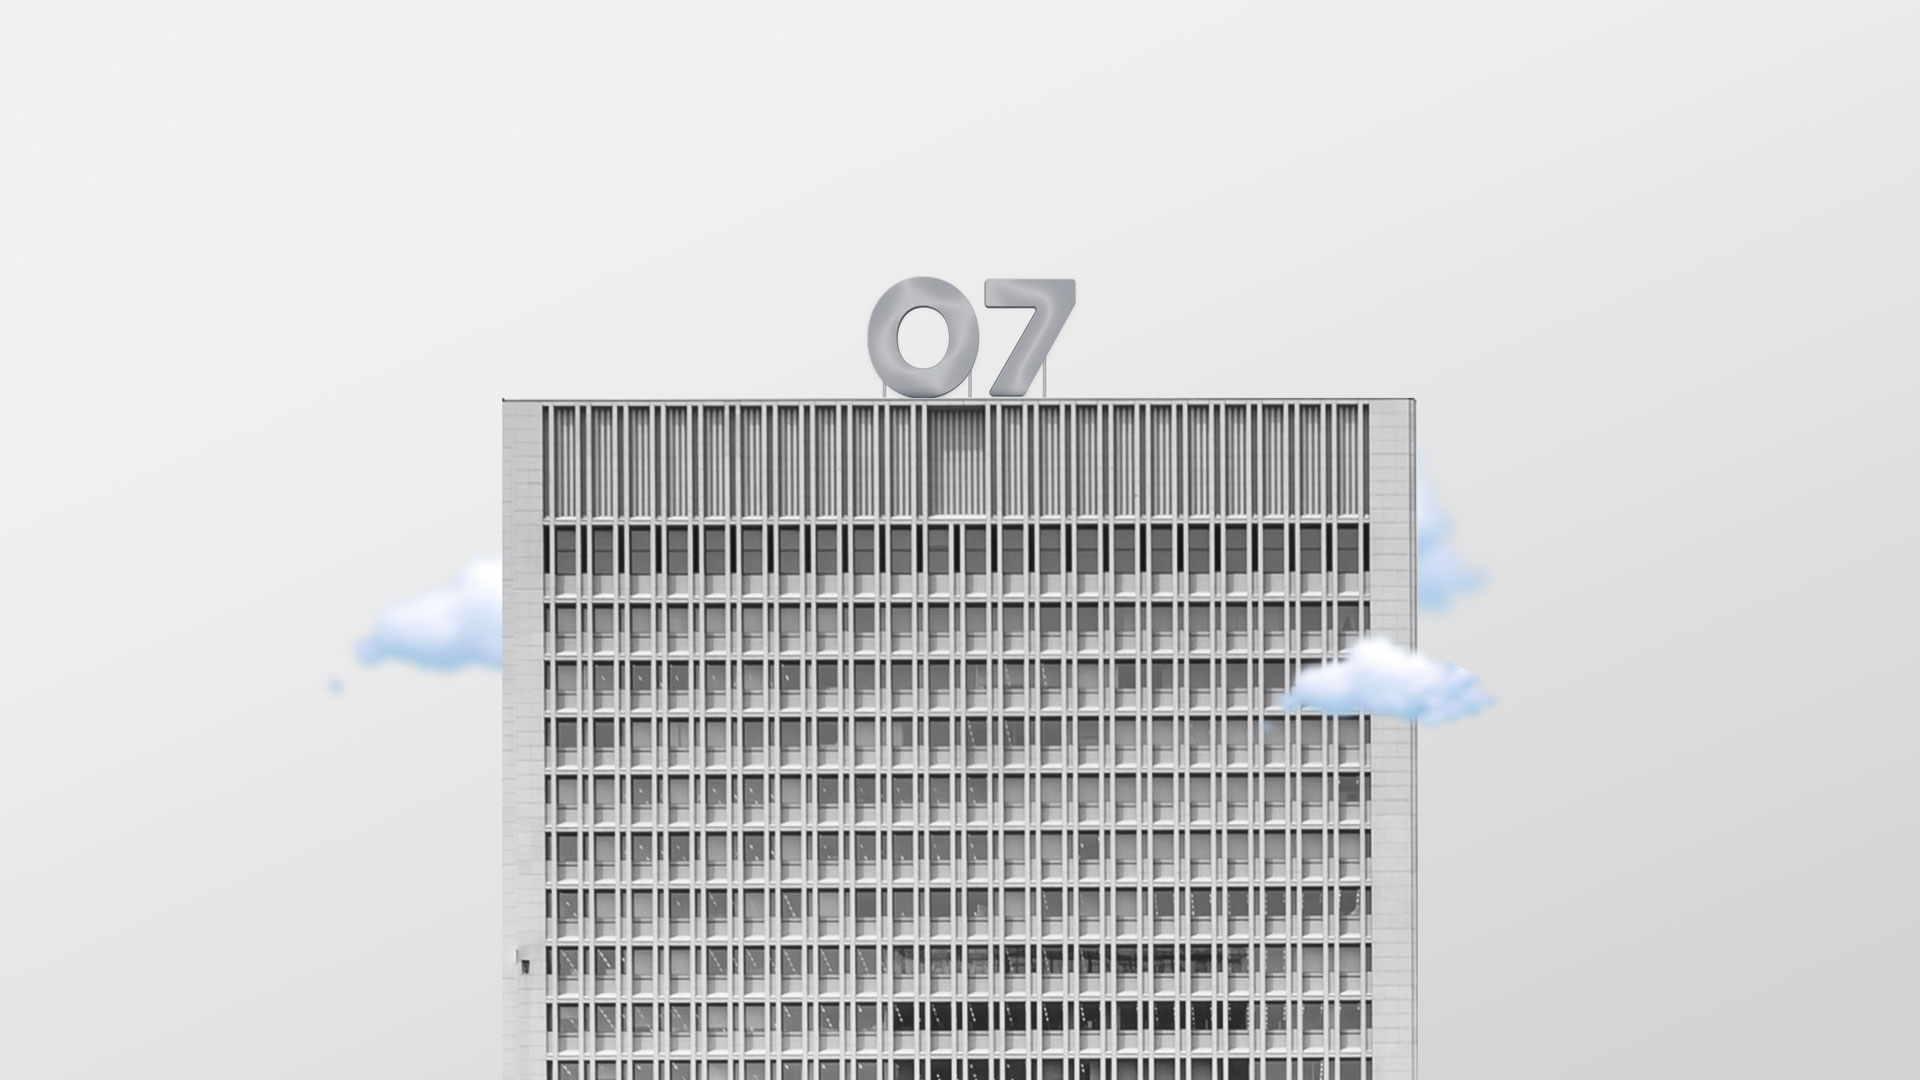 En illutrert skyskraper med et stort 07-logo skilt på taket. Illustrasjonsbilde.